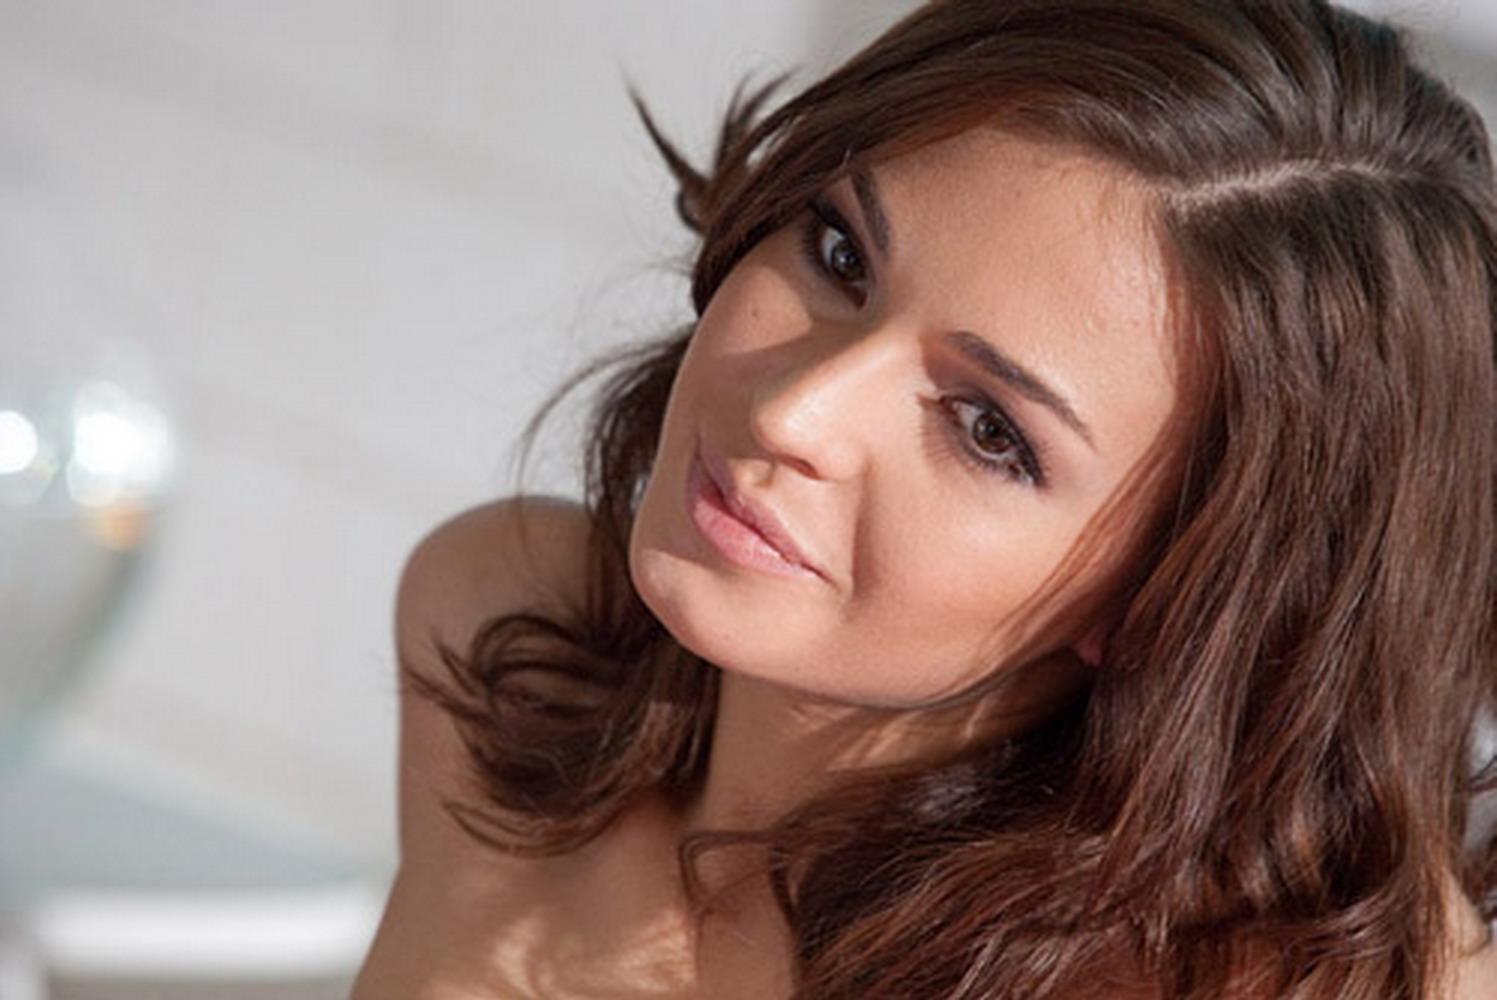 Фотографии российских девушек простые 4 фотография